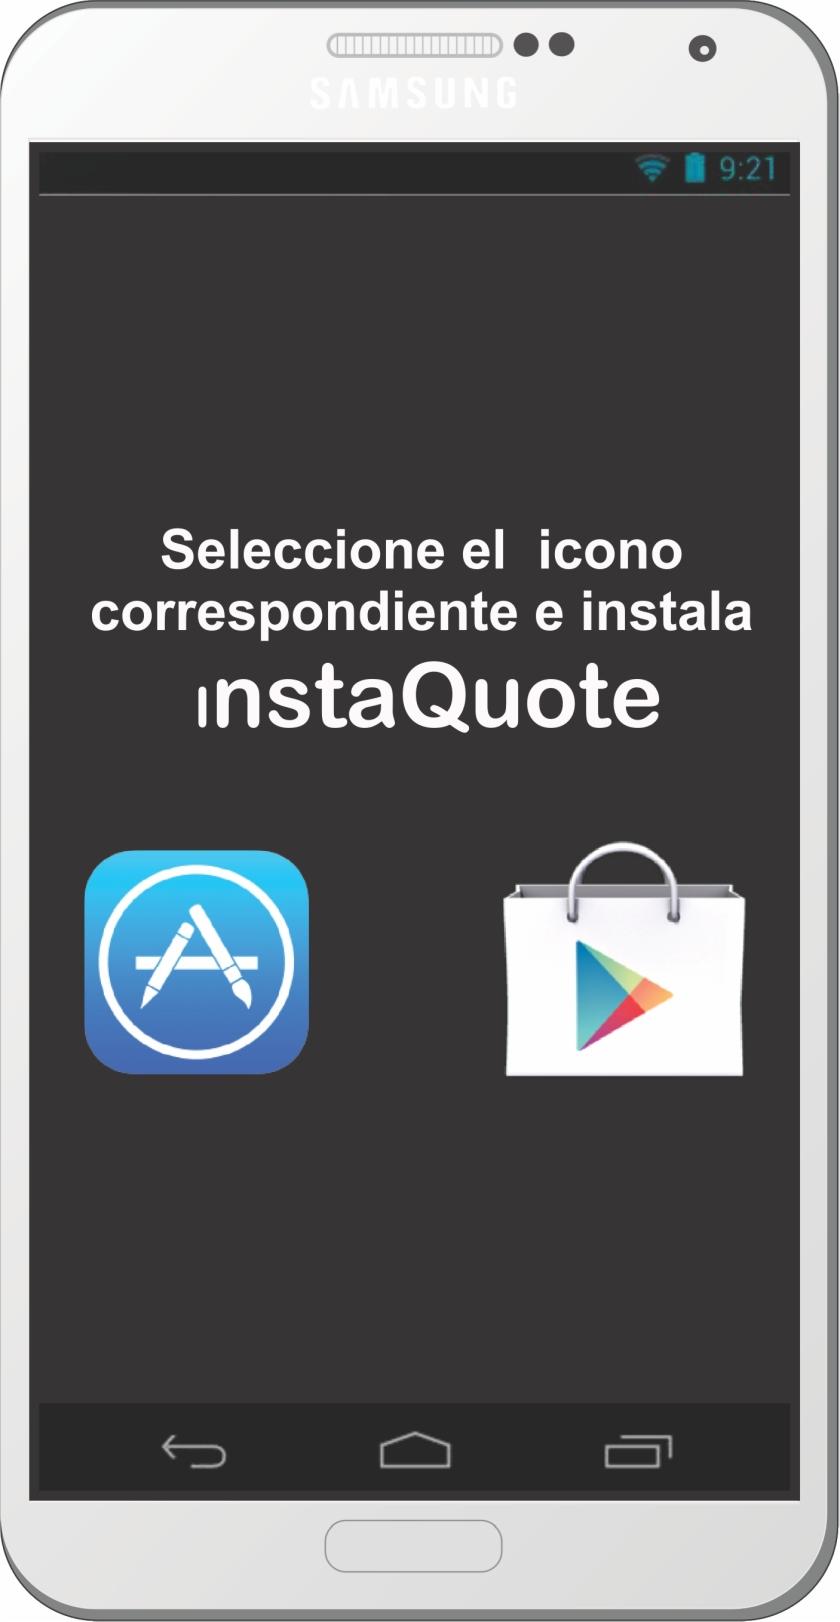 Instaquote1web